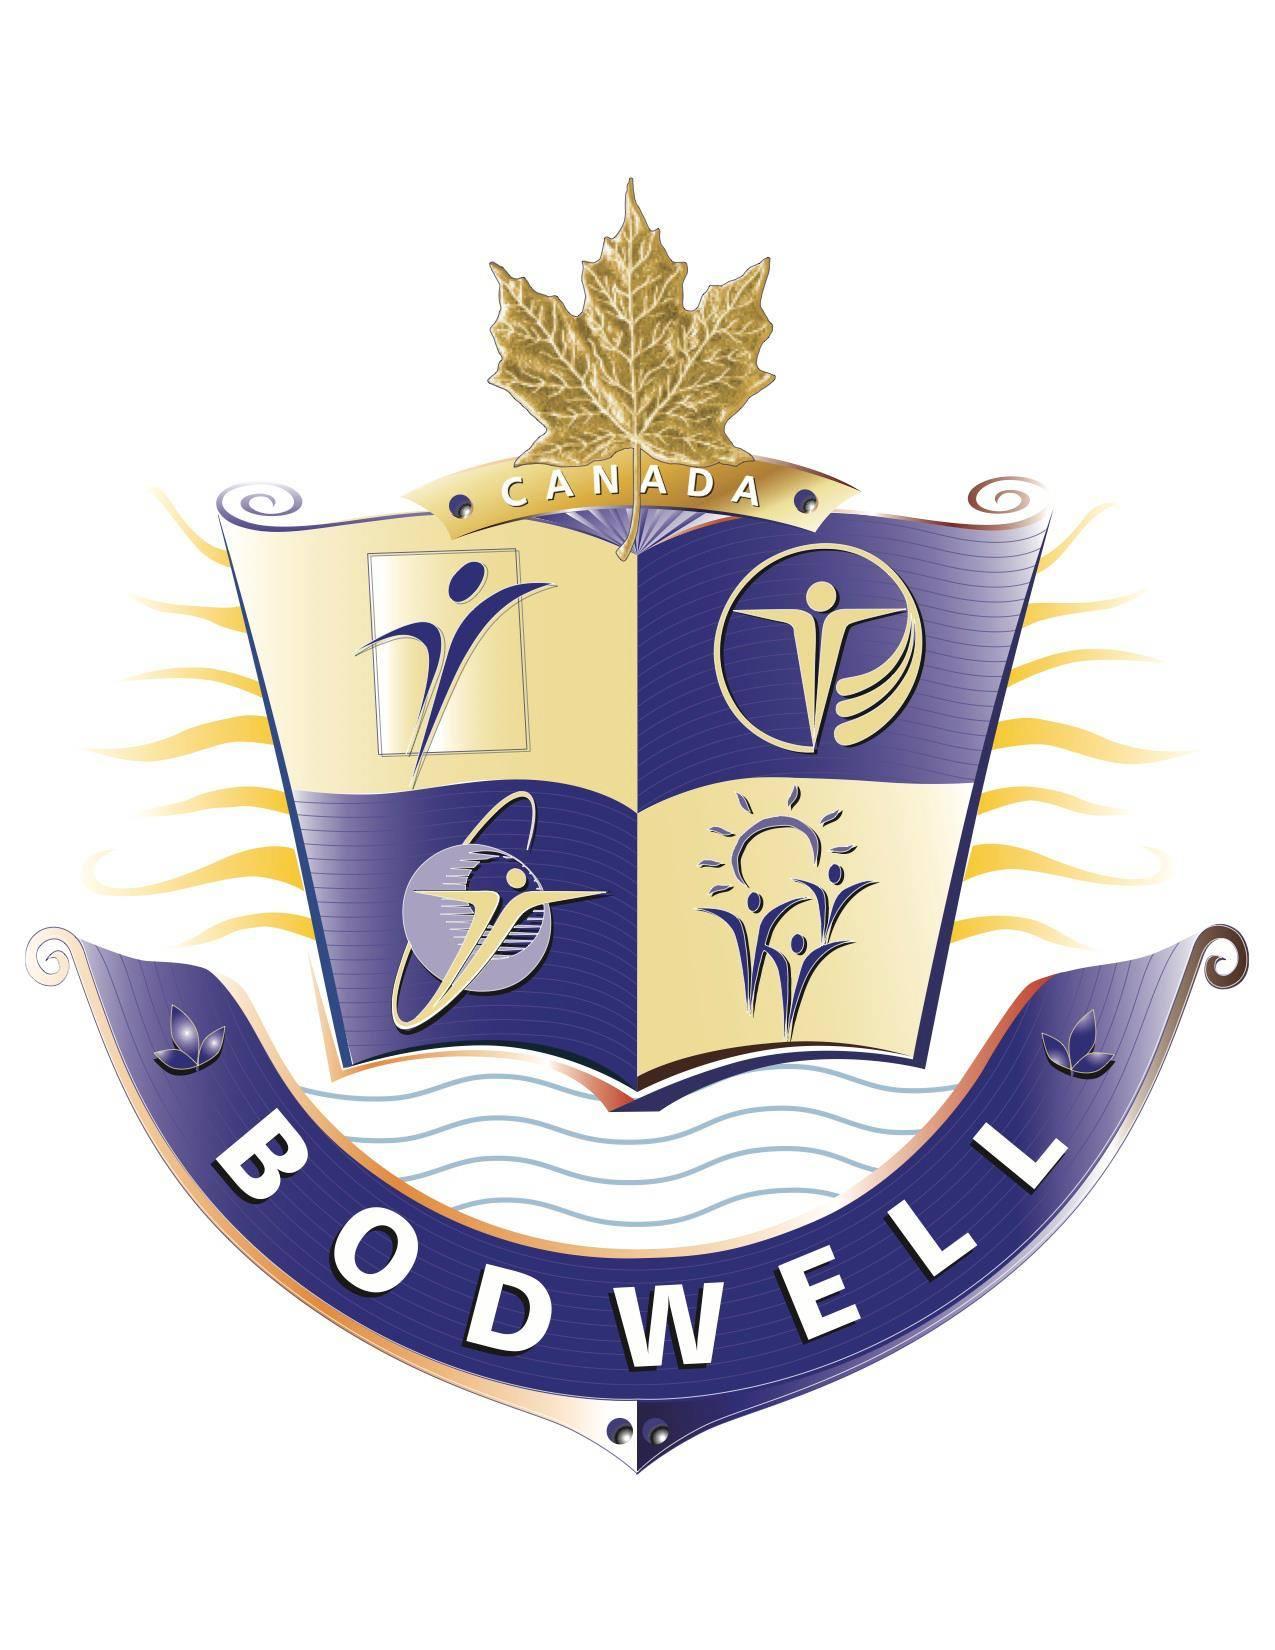 Trường Tư Thục Nội Trú Bodwell High School, North Vancouver, British Columbia, Canada